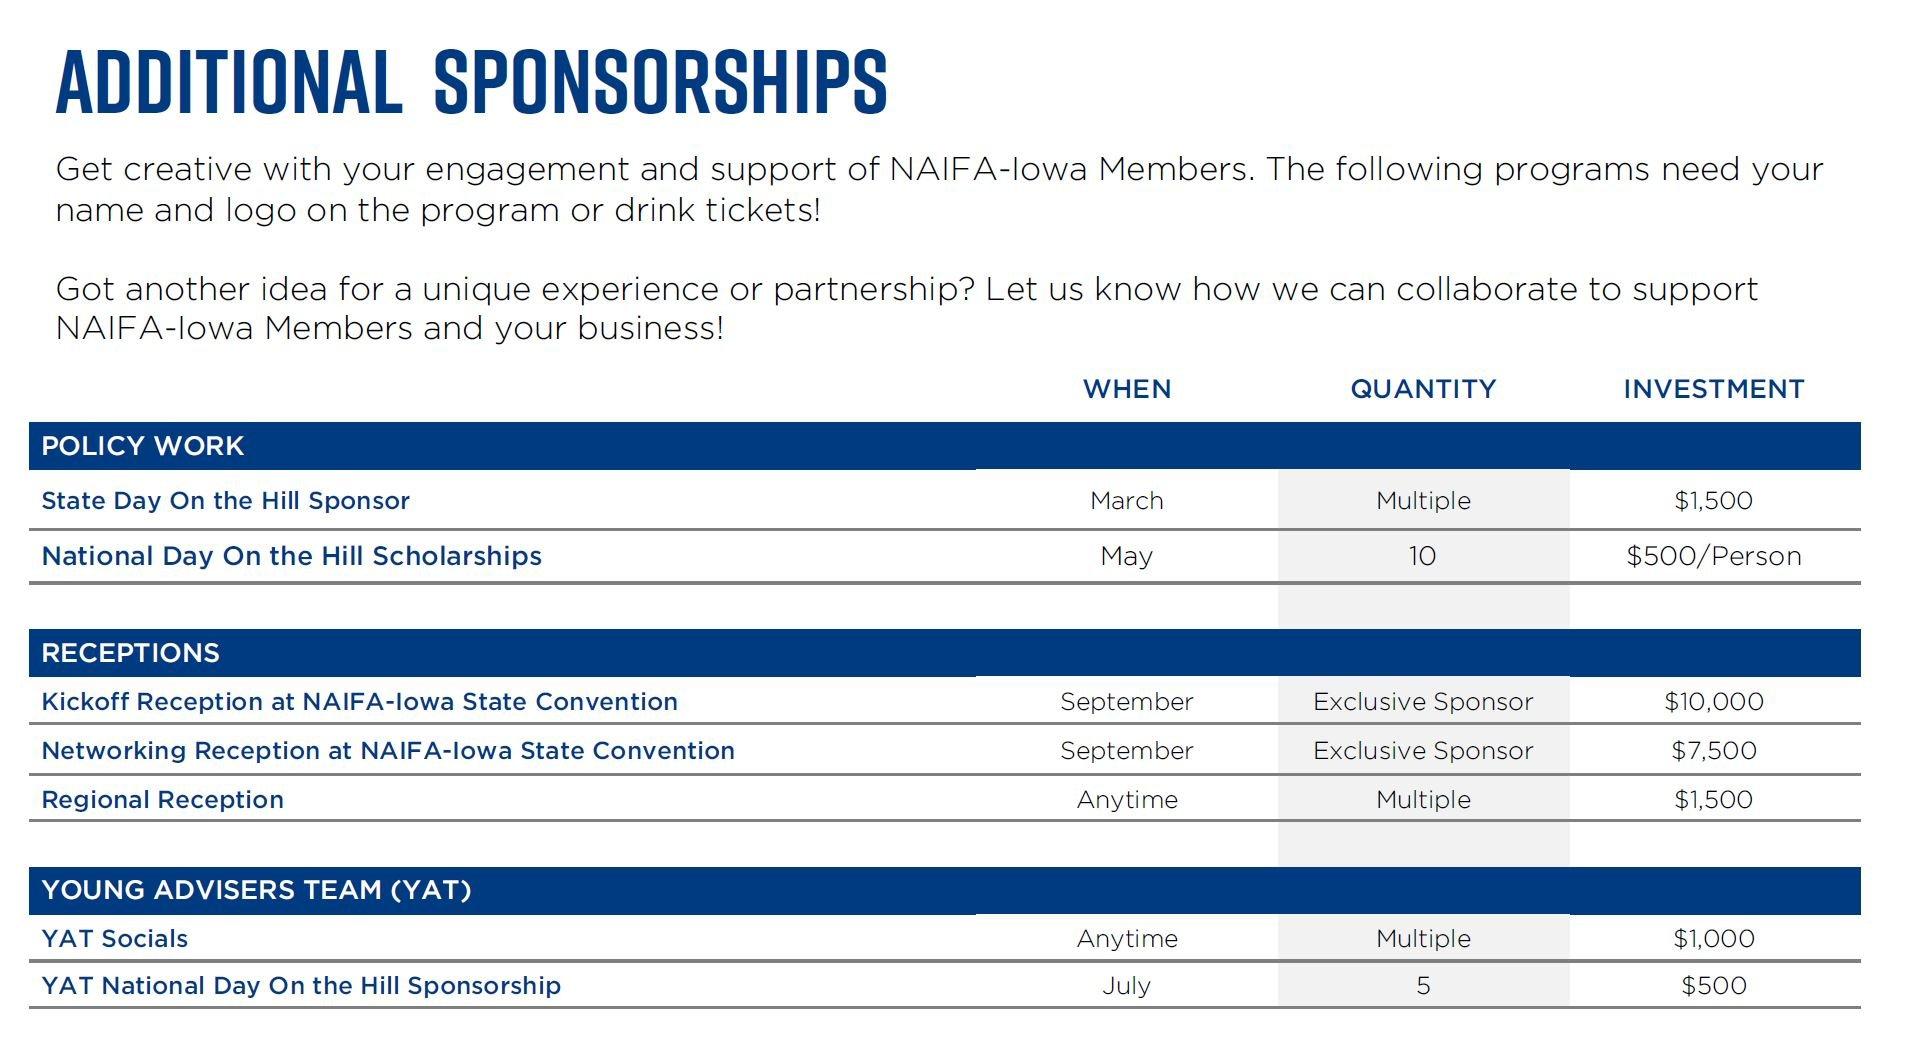 NAIFA Additional Sponsorships 2021